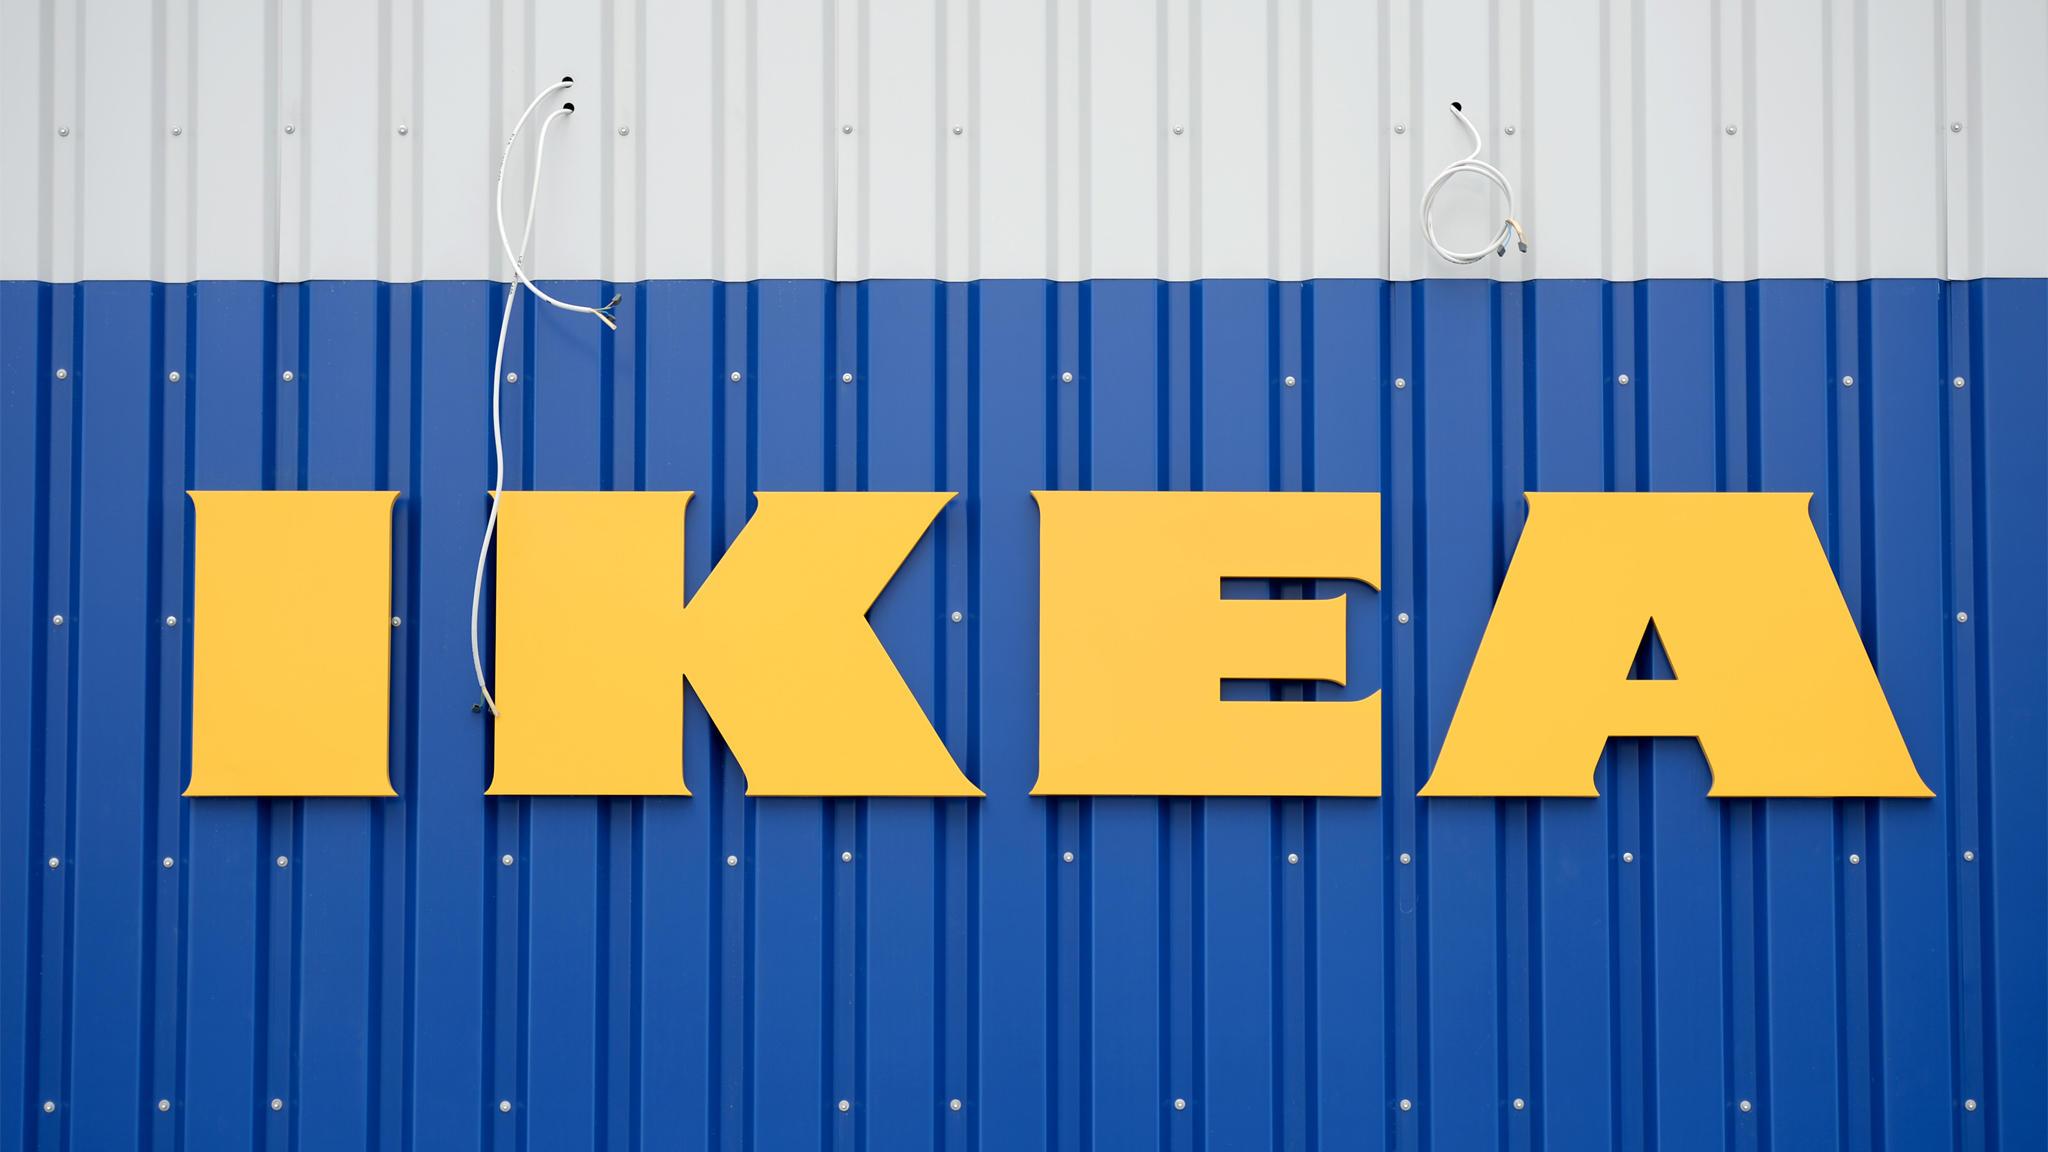 Ikea Küche 500 Euro. Arbeitsplatte Küche Silber Vorhang Ikea Mit ...